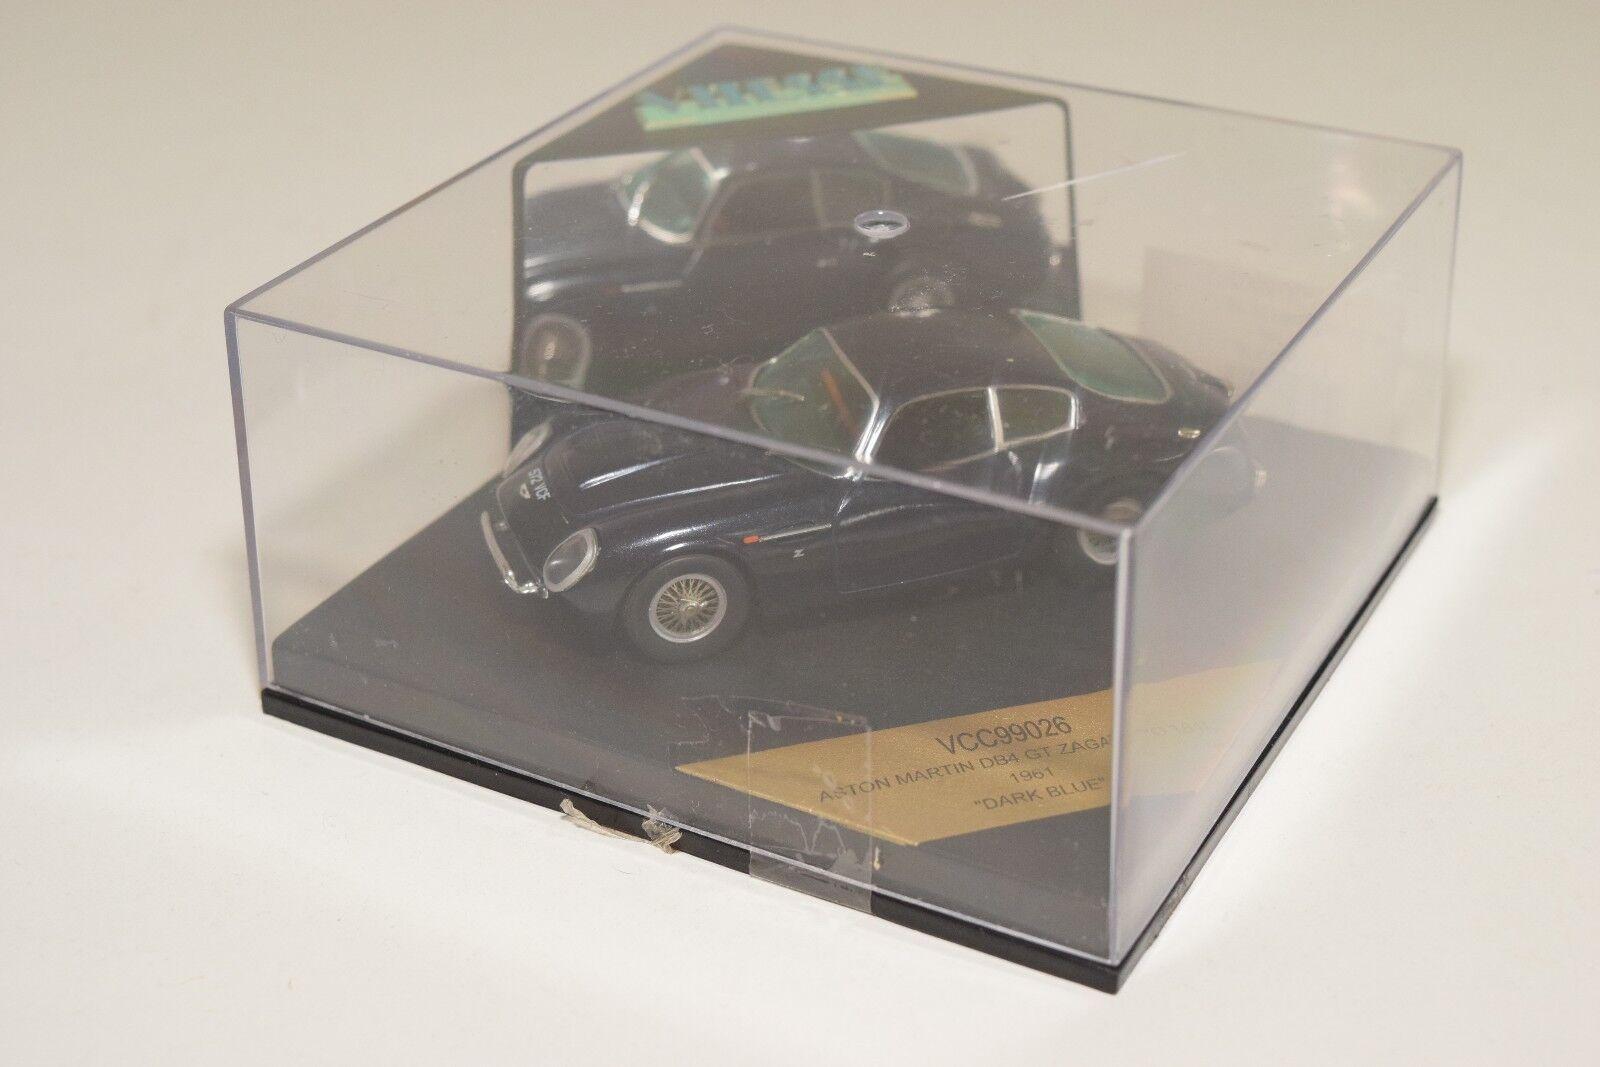 aston martin db4 gt zagato vitesse vcc99026 1961 dunkelblau - boxen